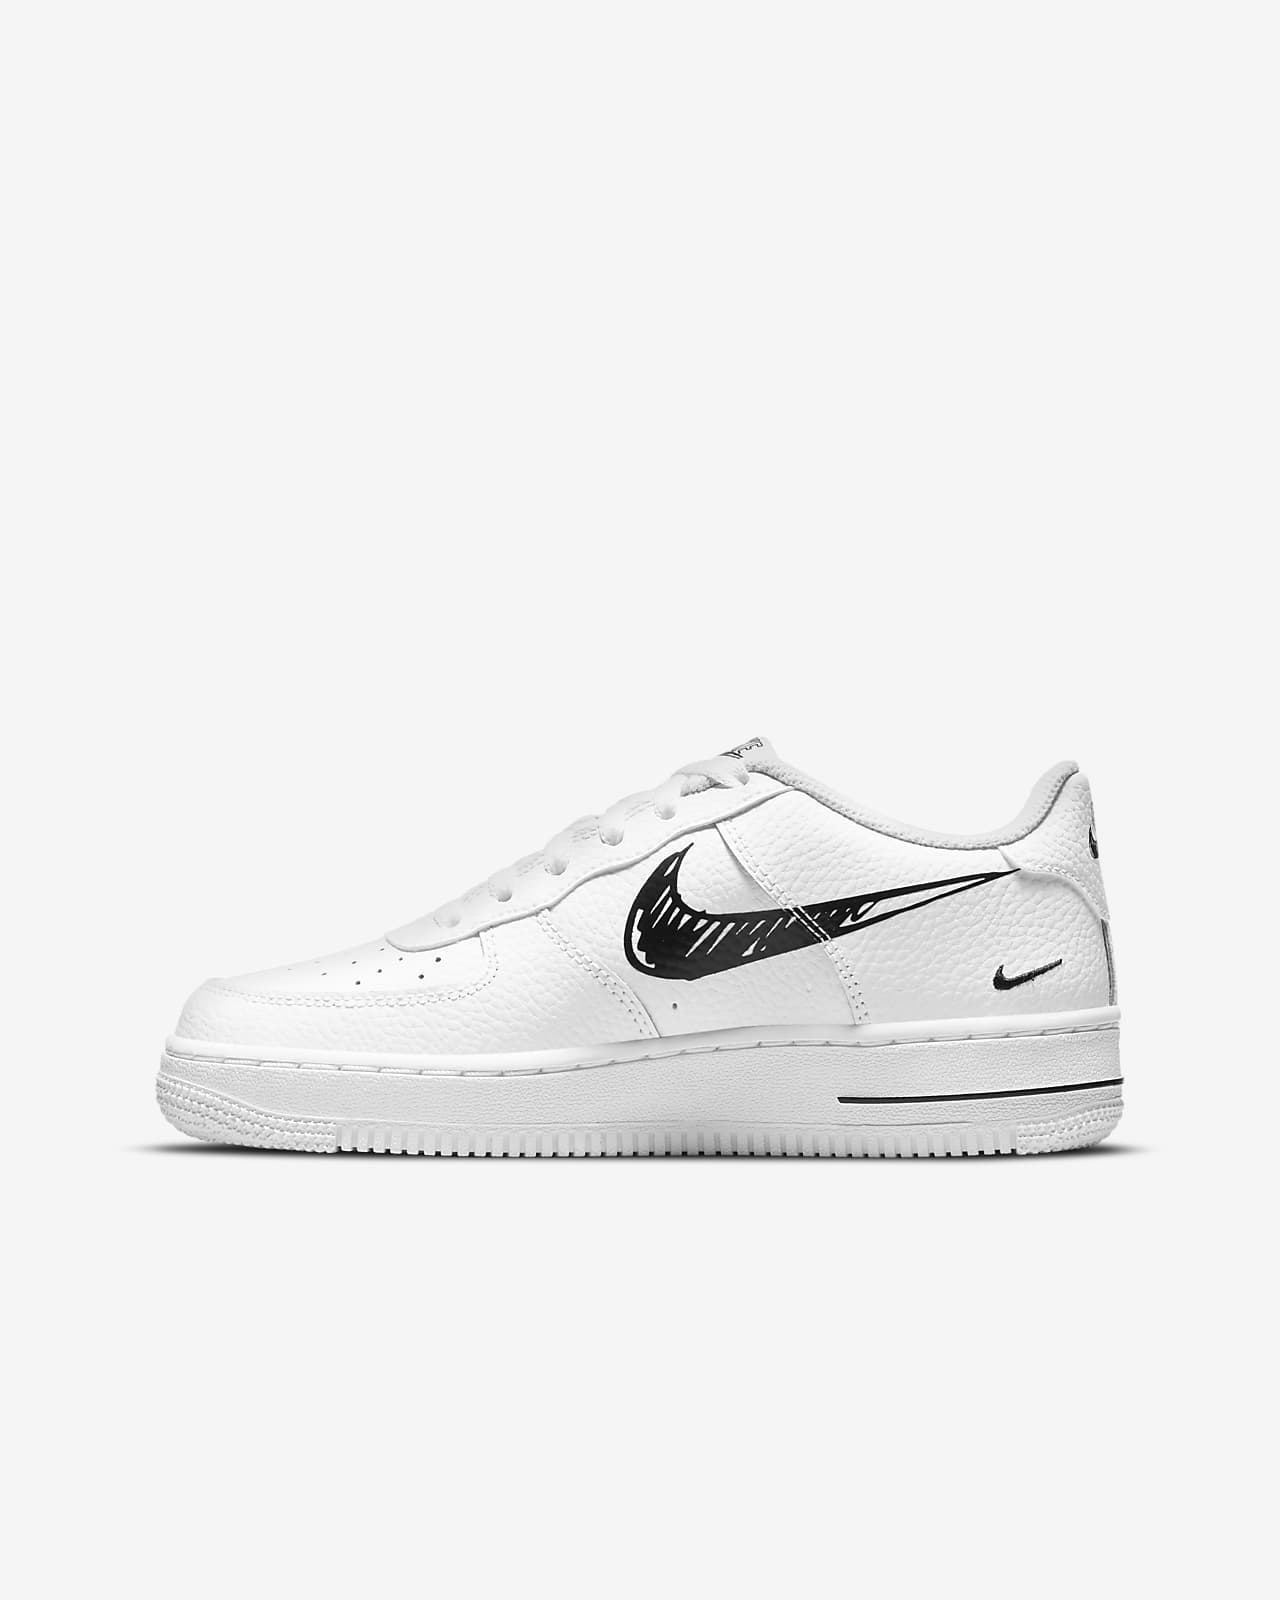 Παπούτσι Nike Air Force 1 Low για μεγάλα παιδιά